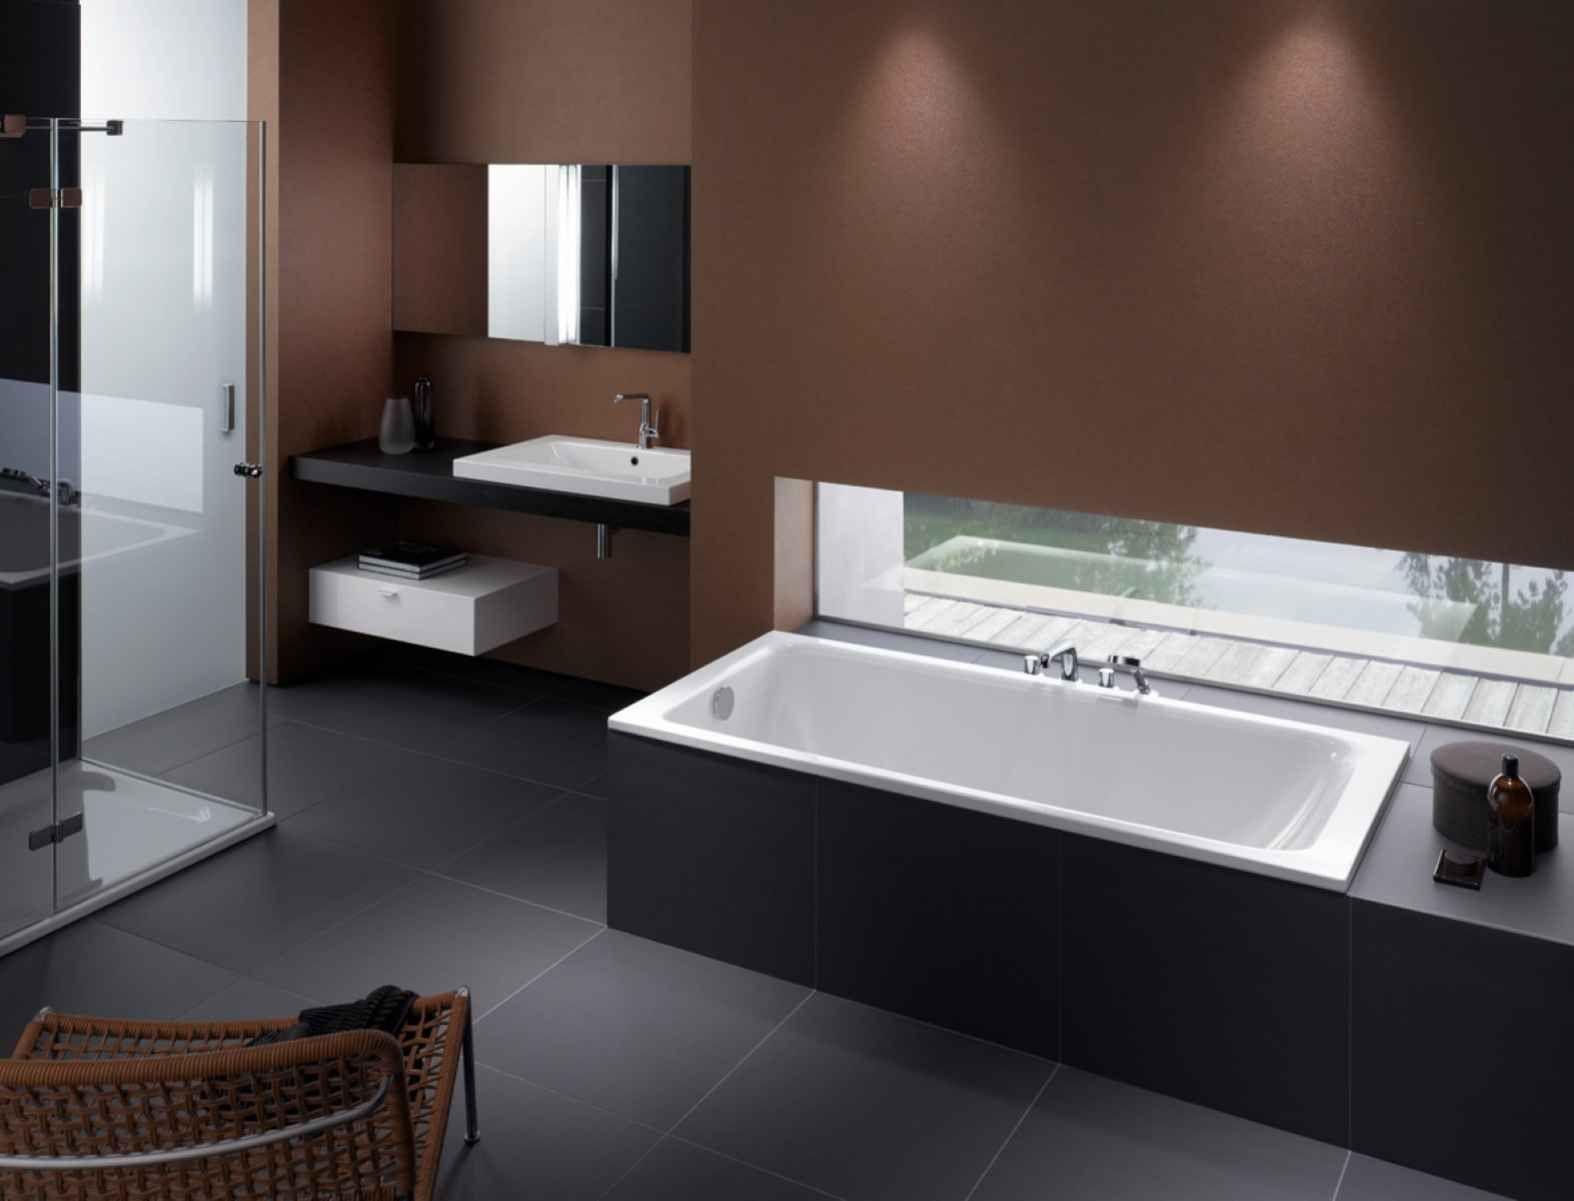 Fackelmann Badezimmer ~ Best badezimmer ideen für die badgestaltung images on